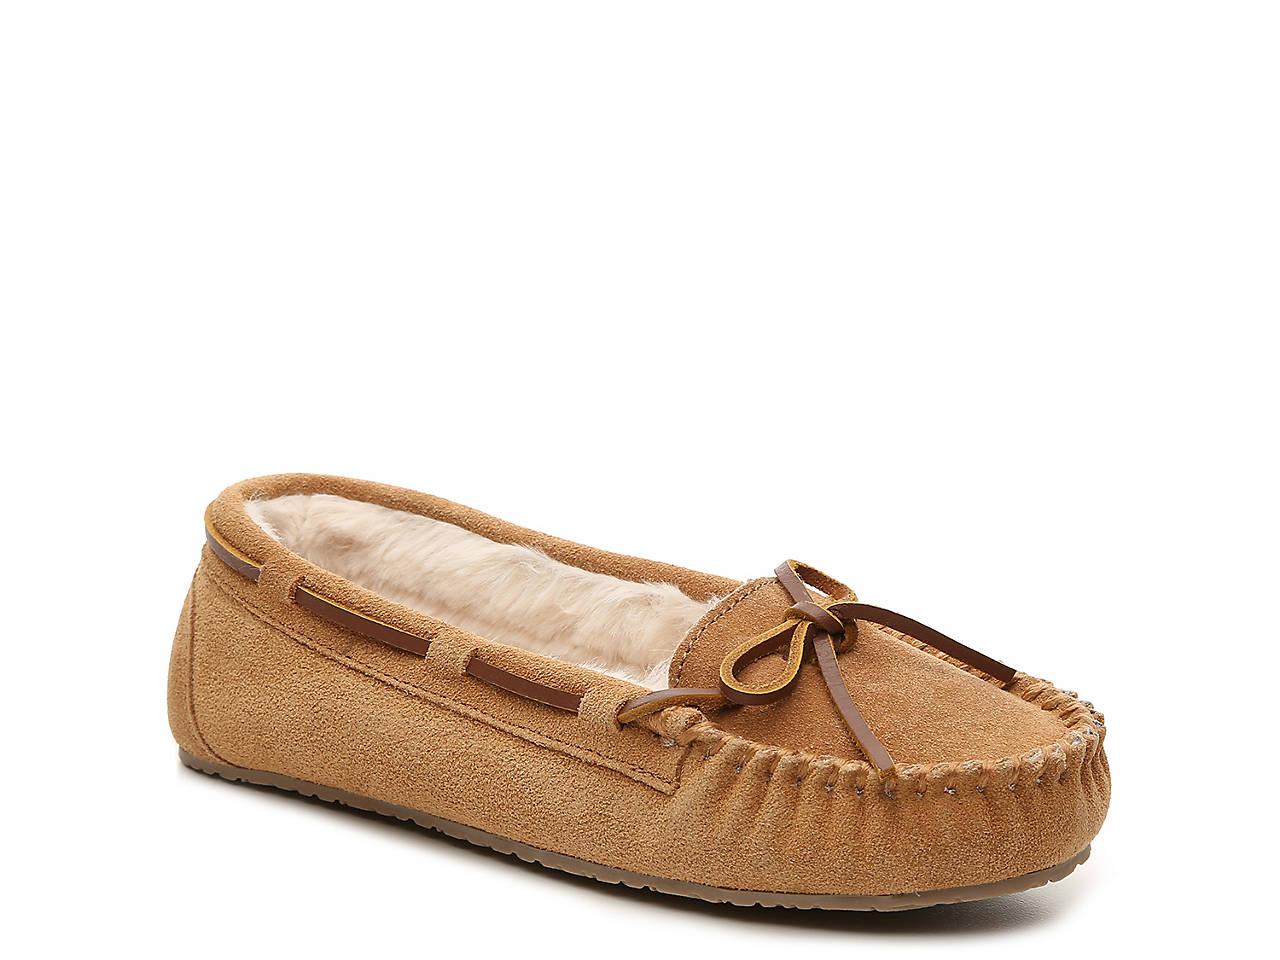 21ea141d69d2 Minnetonka Jr. Trapper Moccasin Slipper Women s Shoes